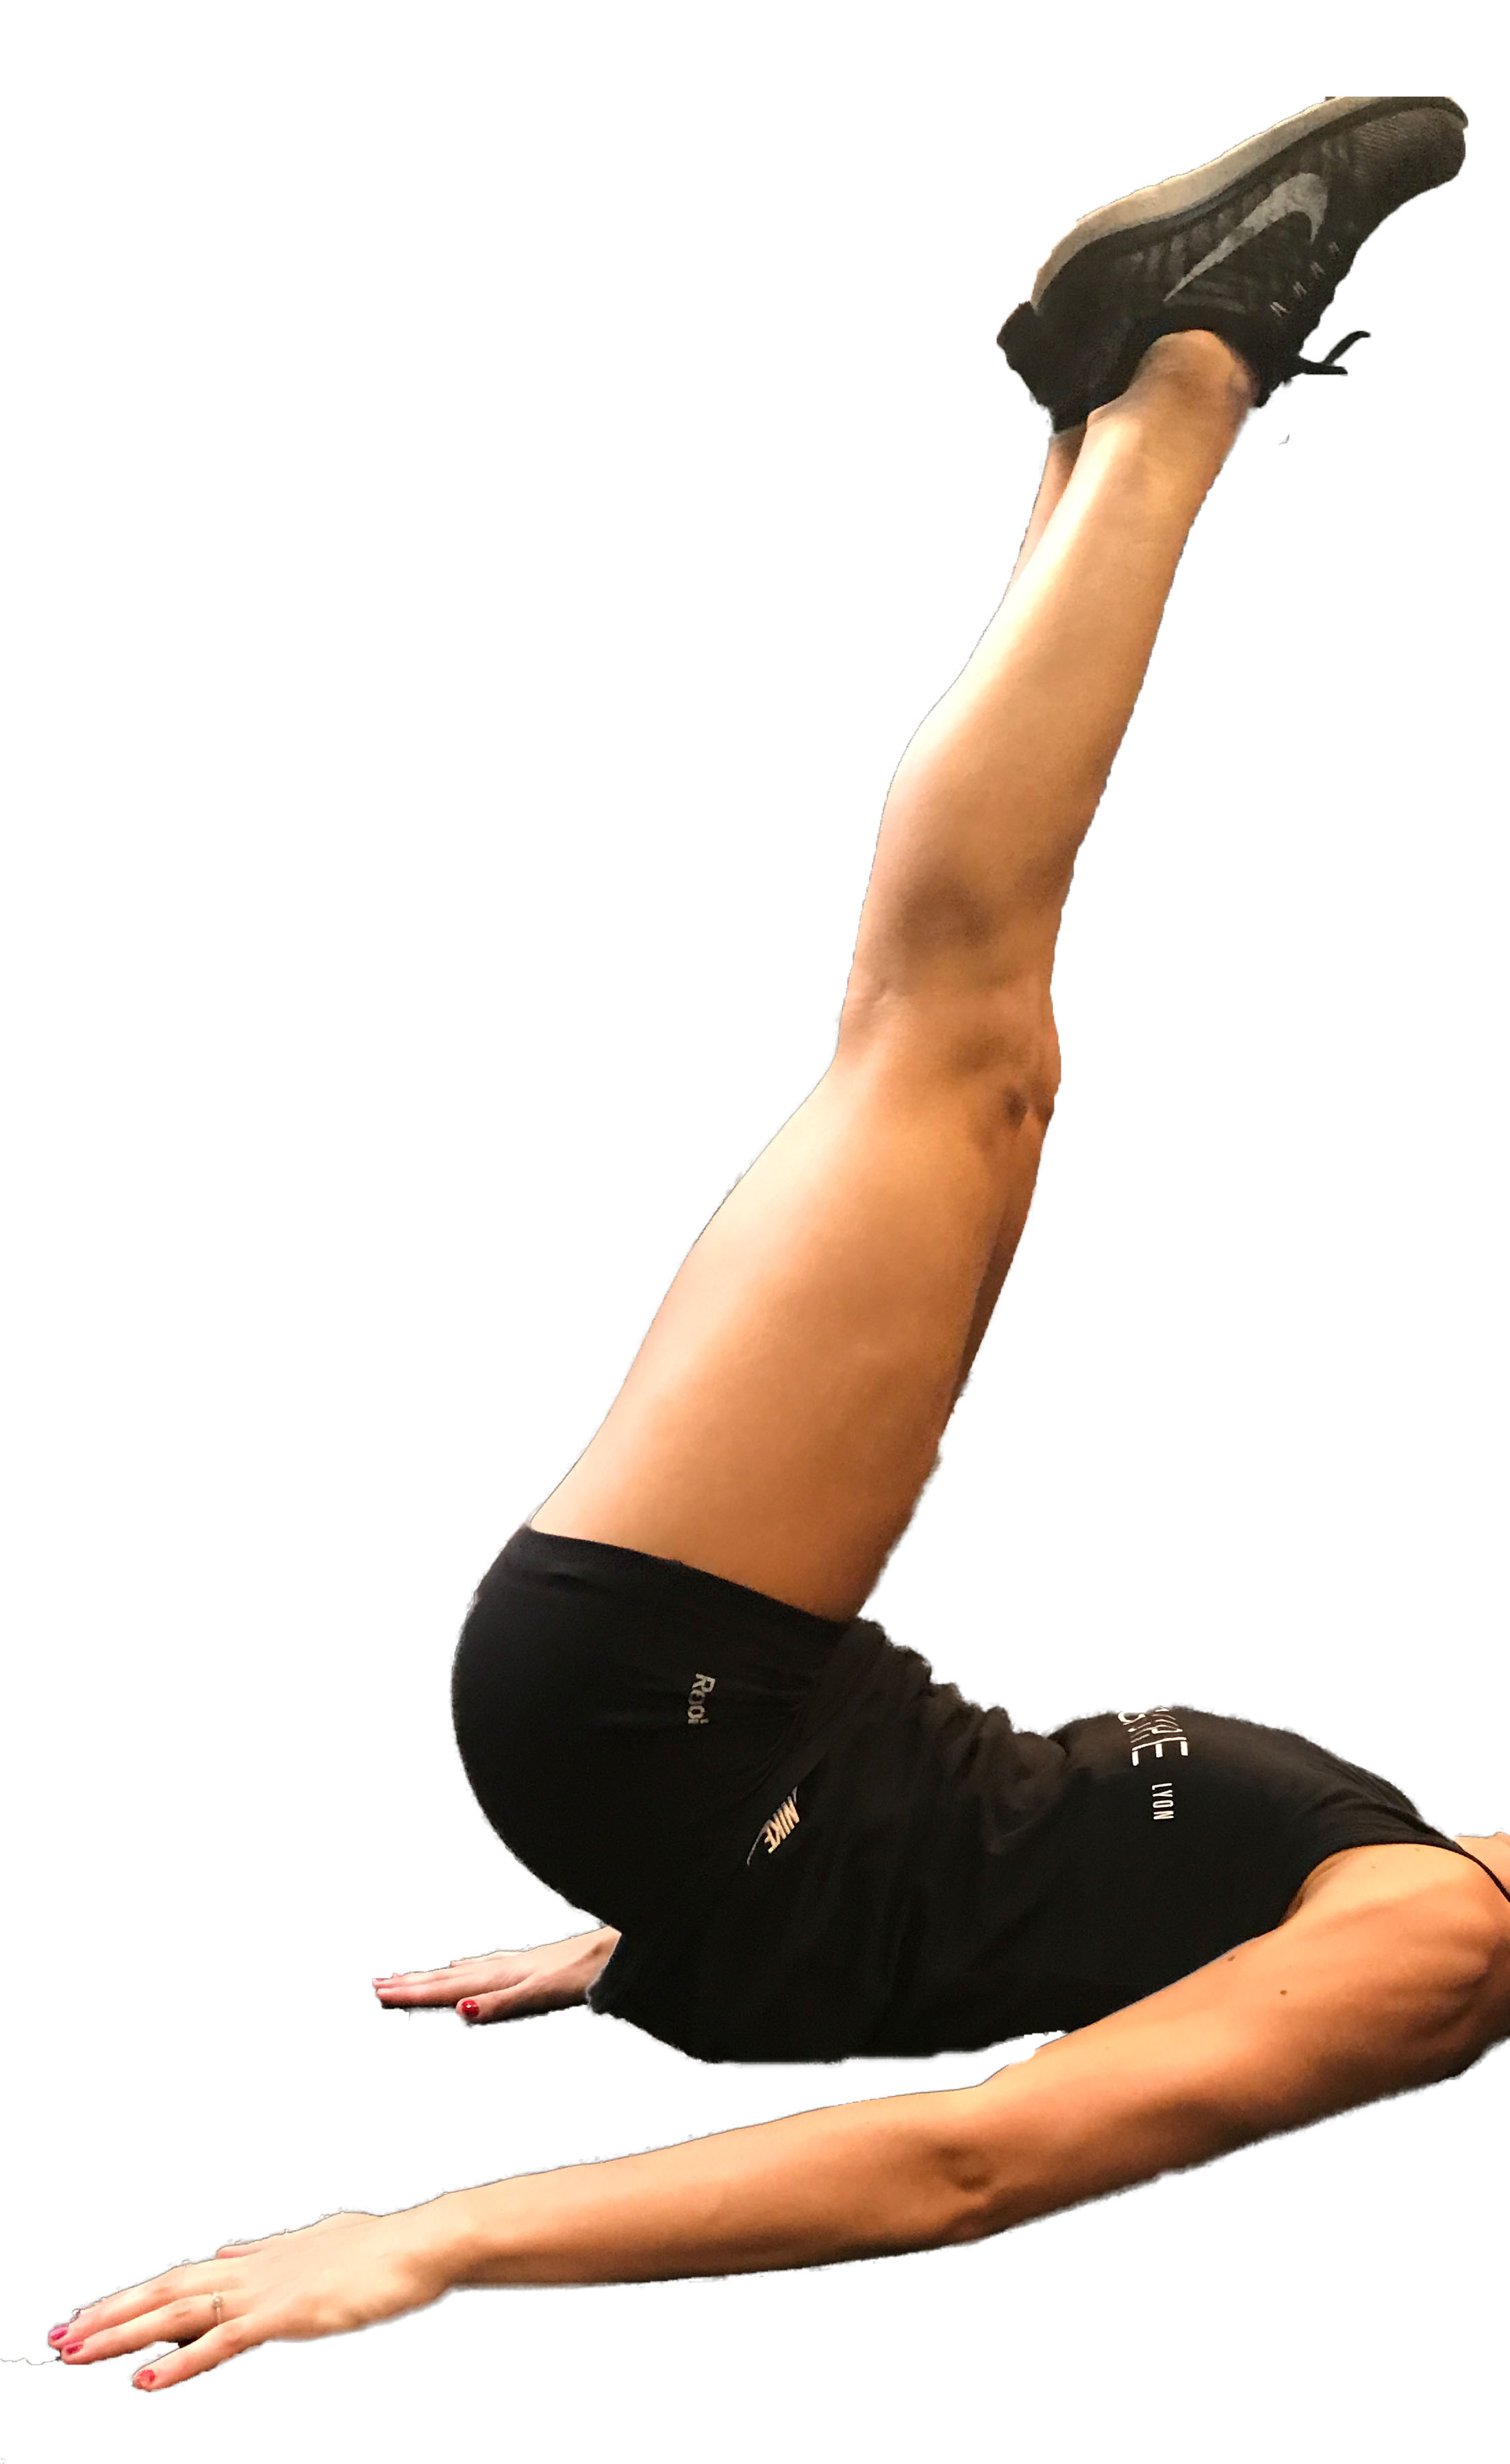 - Reverse Crunch : allongez vous sur le dos les bras le long du corps, bassin rétroversé, région lombaire ancrée dans le sol, montez les jambes à 90°, levez les fesses vers le haut et vers l'arrière. Contrôlez le retour en conservant le bassin rétroversé.